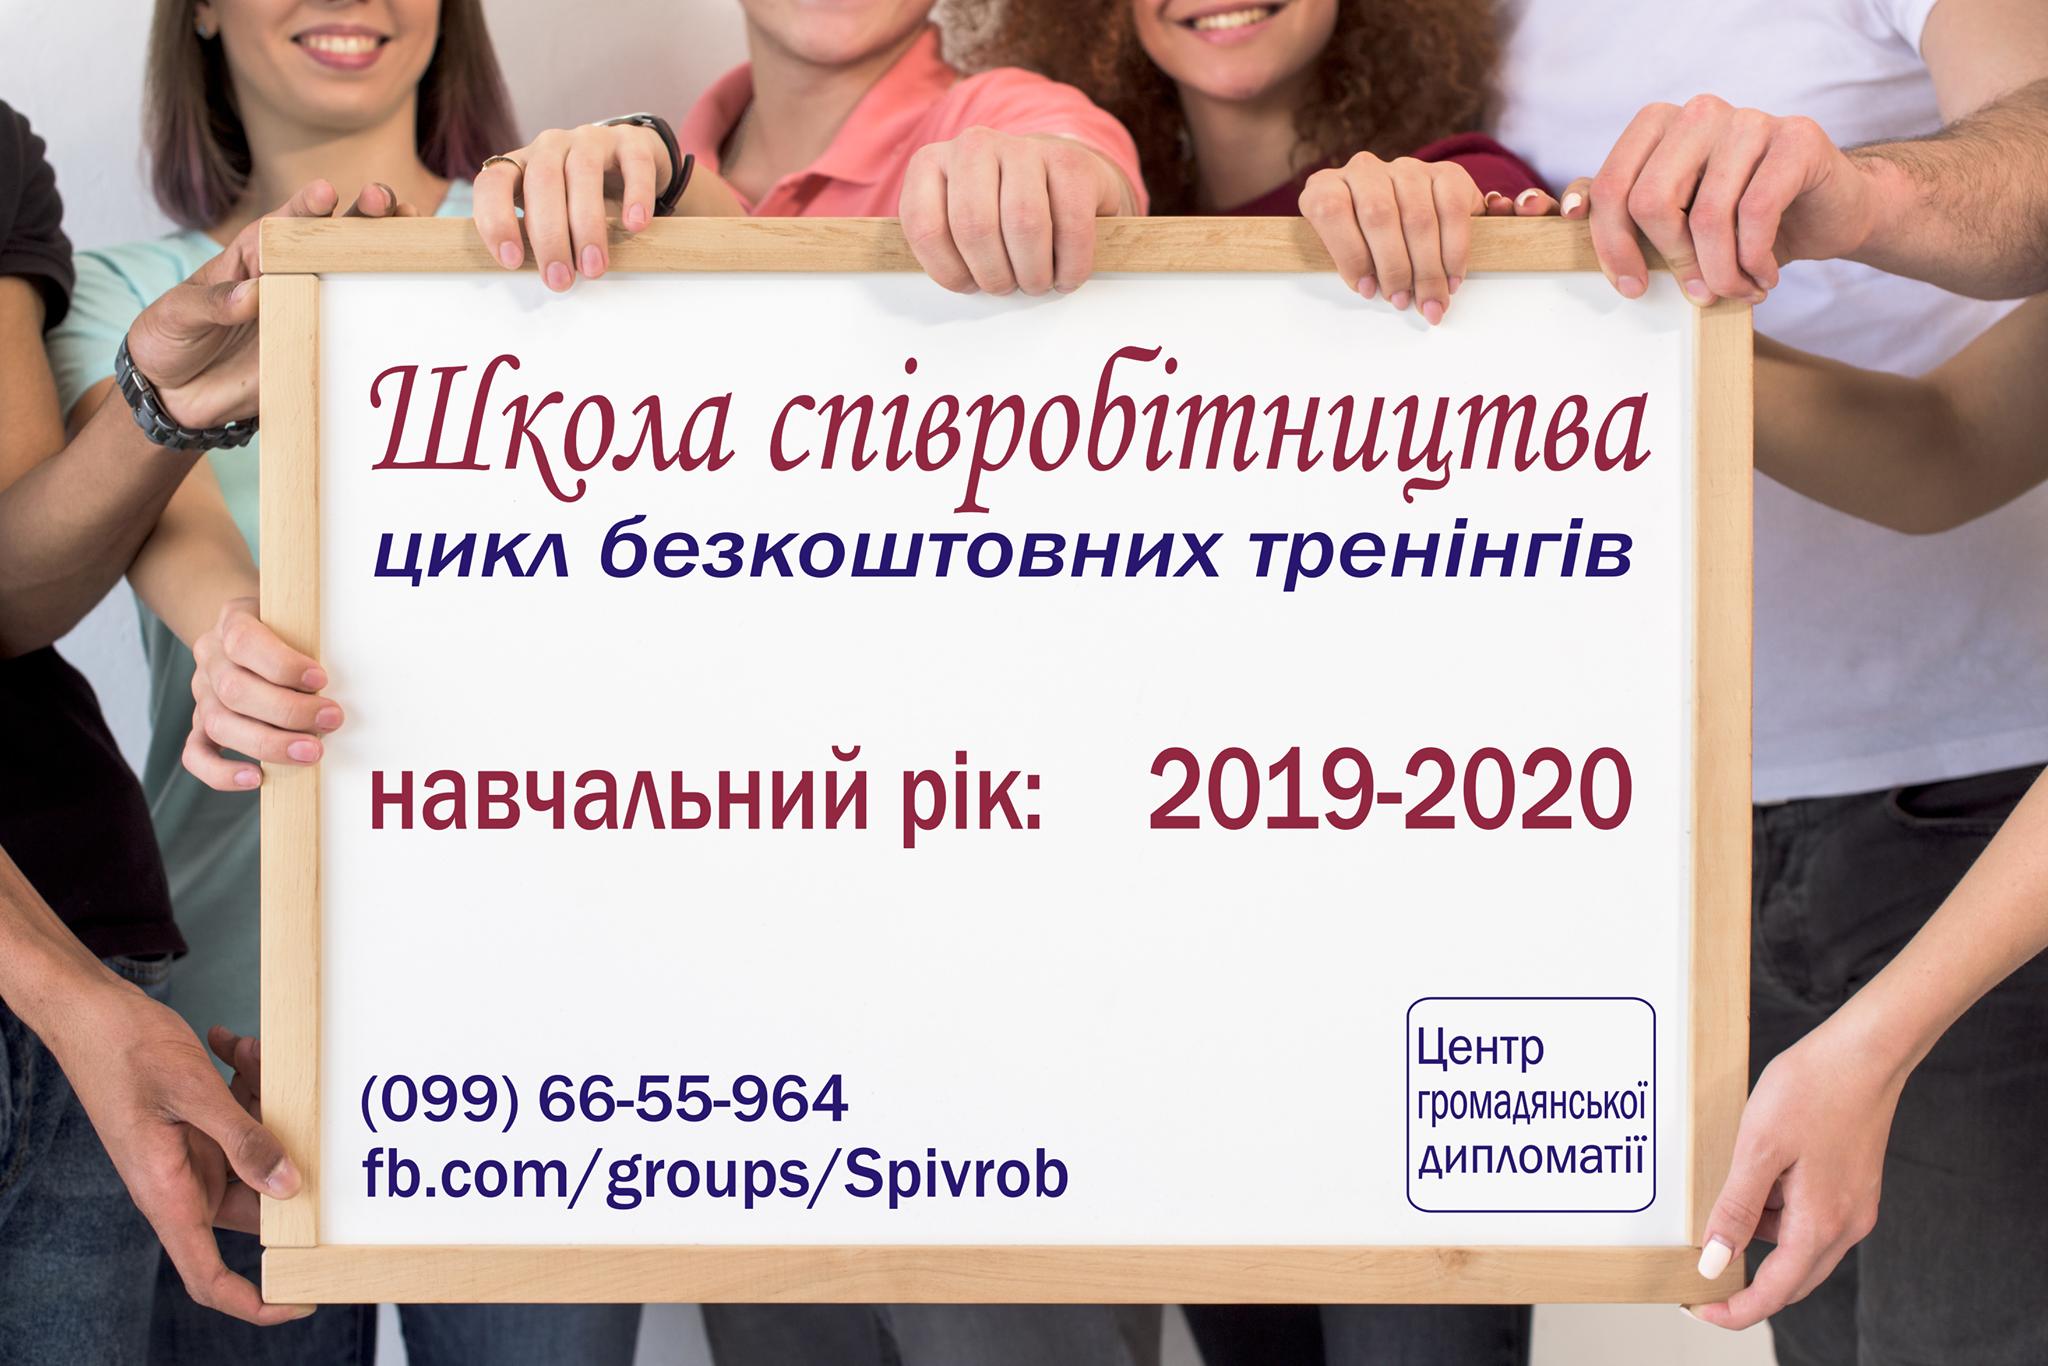 Жителів Кропивницького запрошують на безкоштовні тренінги